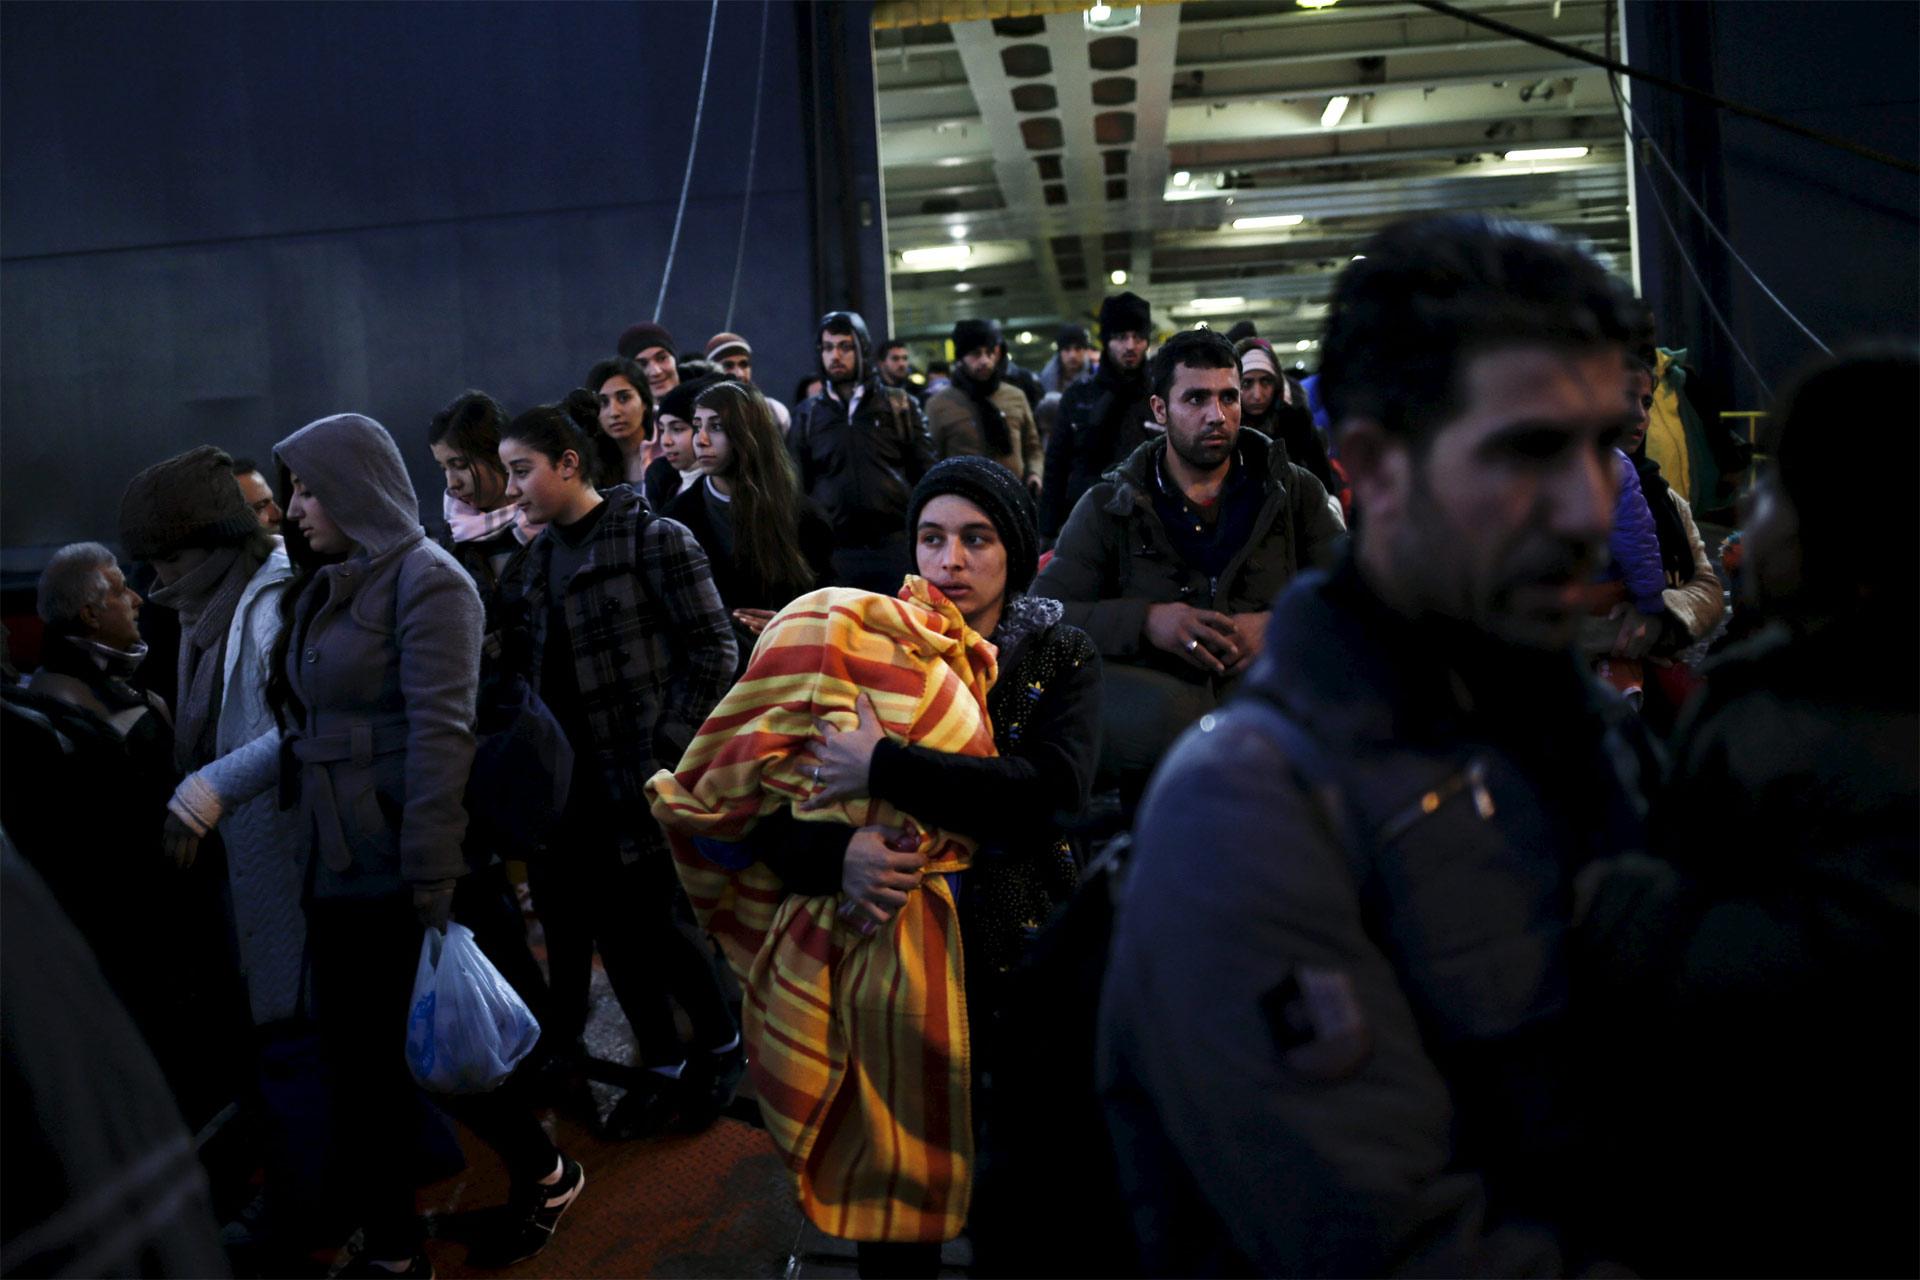 Ministros de la eurozona quieren implantar controles provisionales hasta dos años, debido al alto tráfico de refugiados